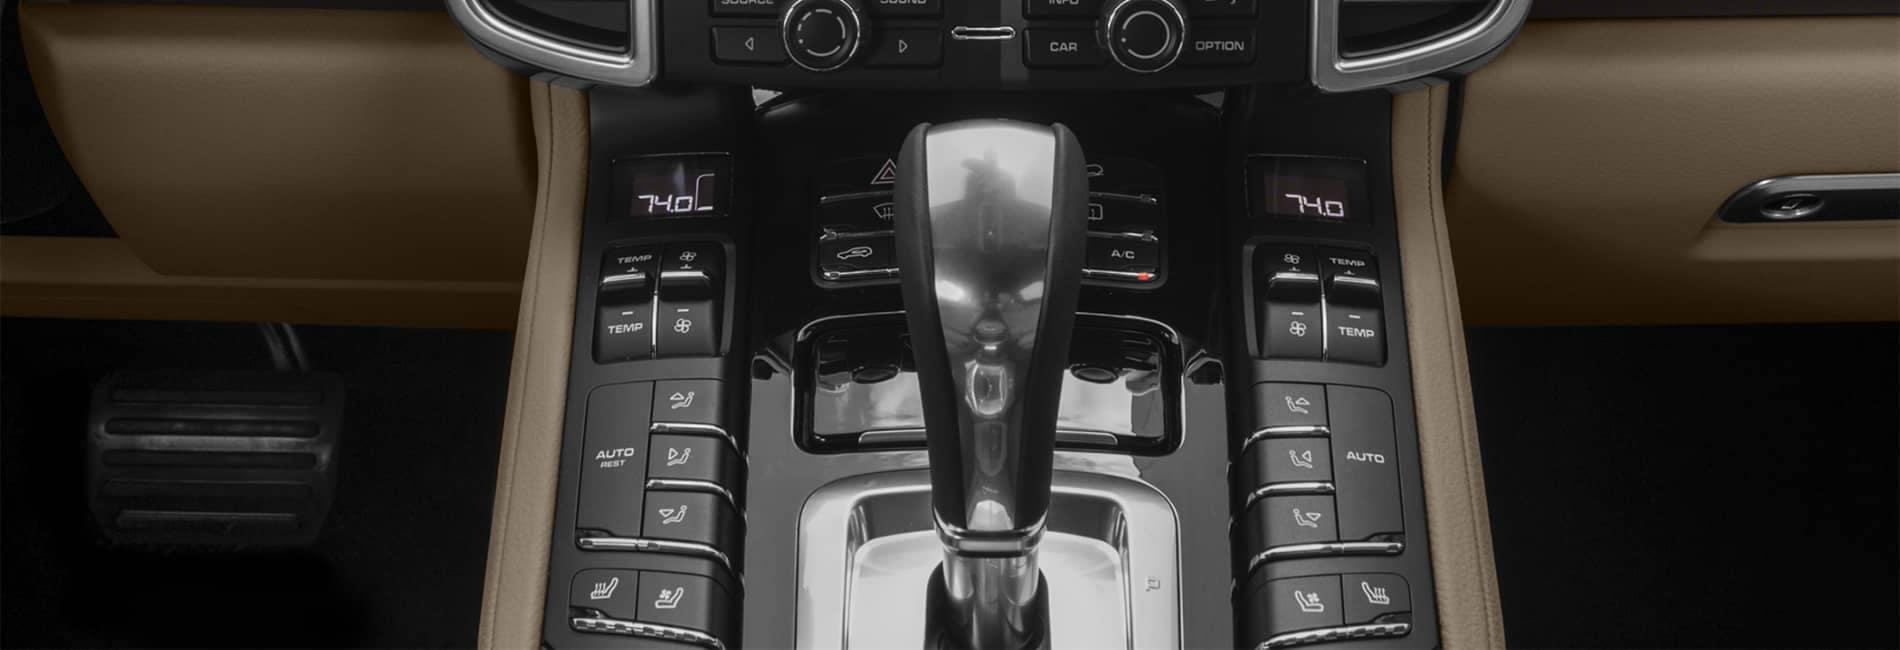 cayenne-dashboard